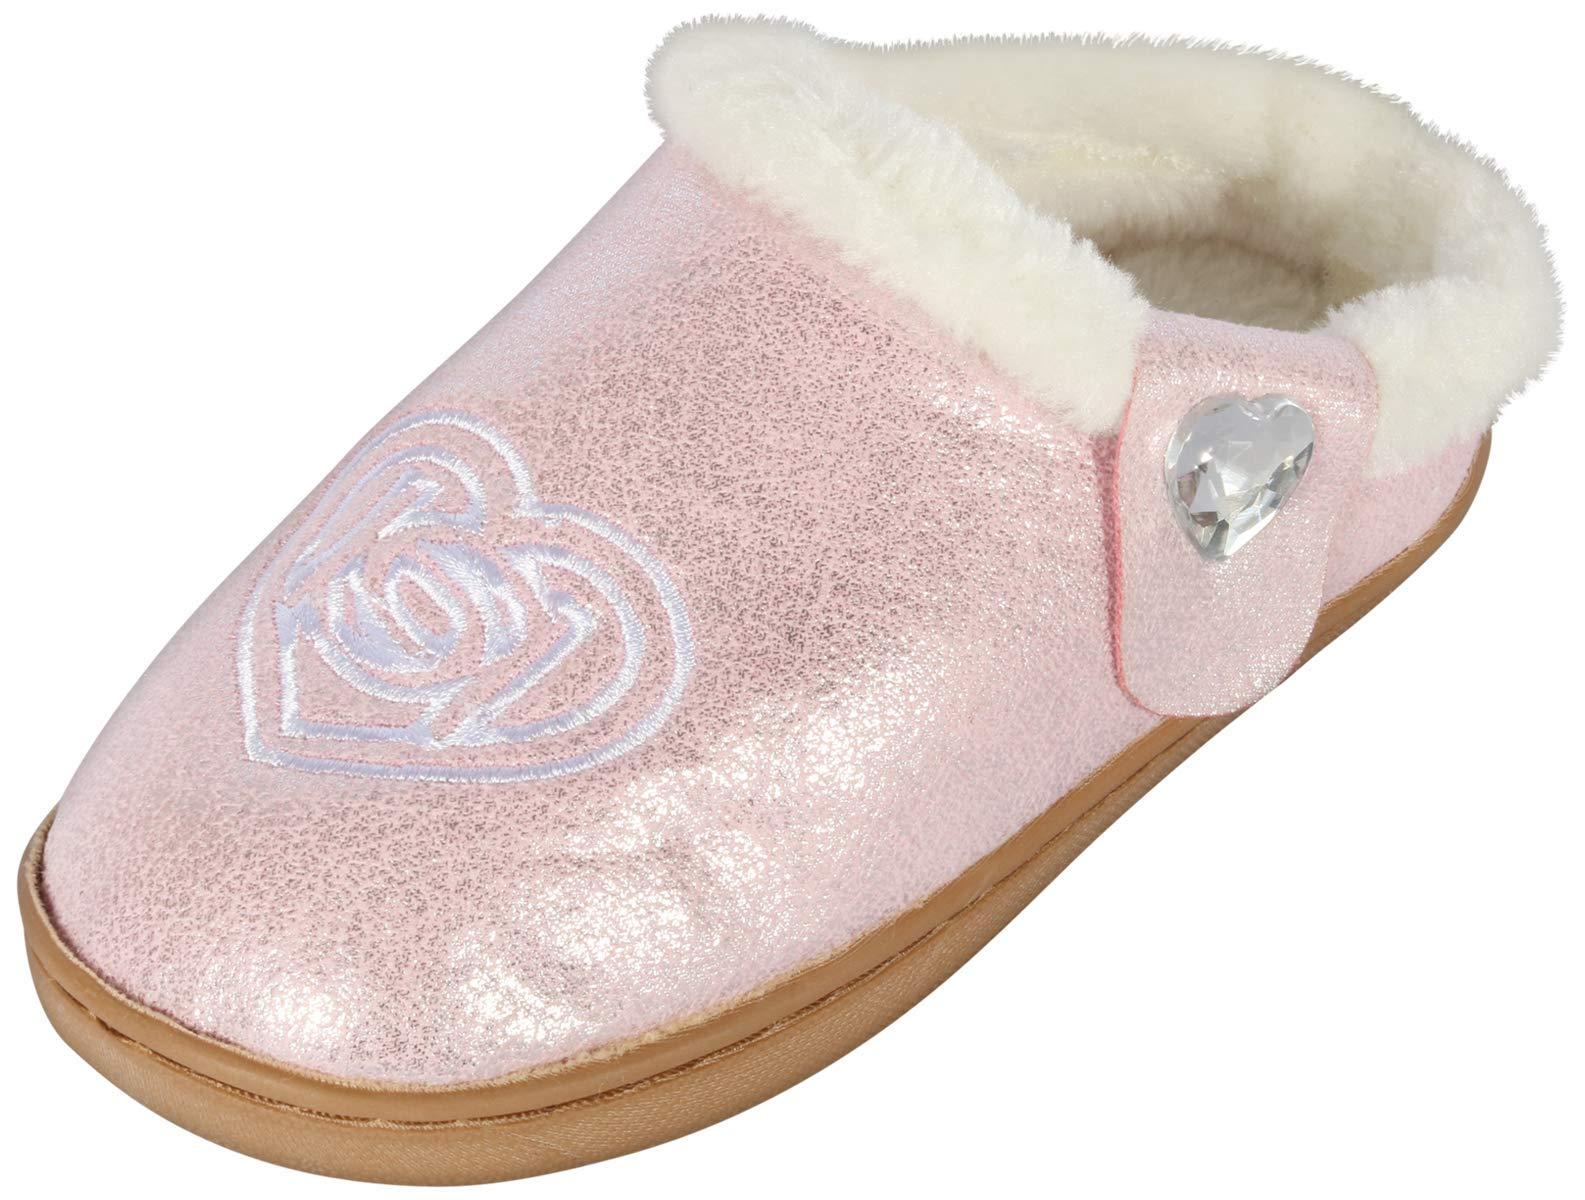 bebe Girl's Shimmery Faux Fur Slipper with Side Heart Jewel, Light Pink, 13-1 M US Little Kid'